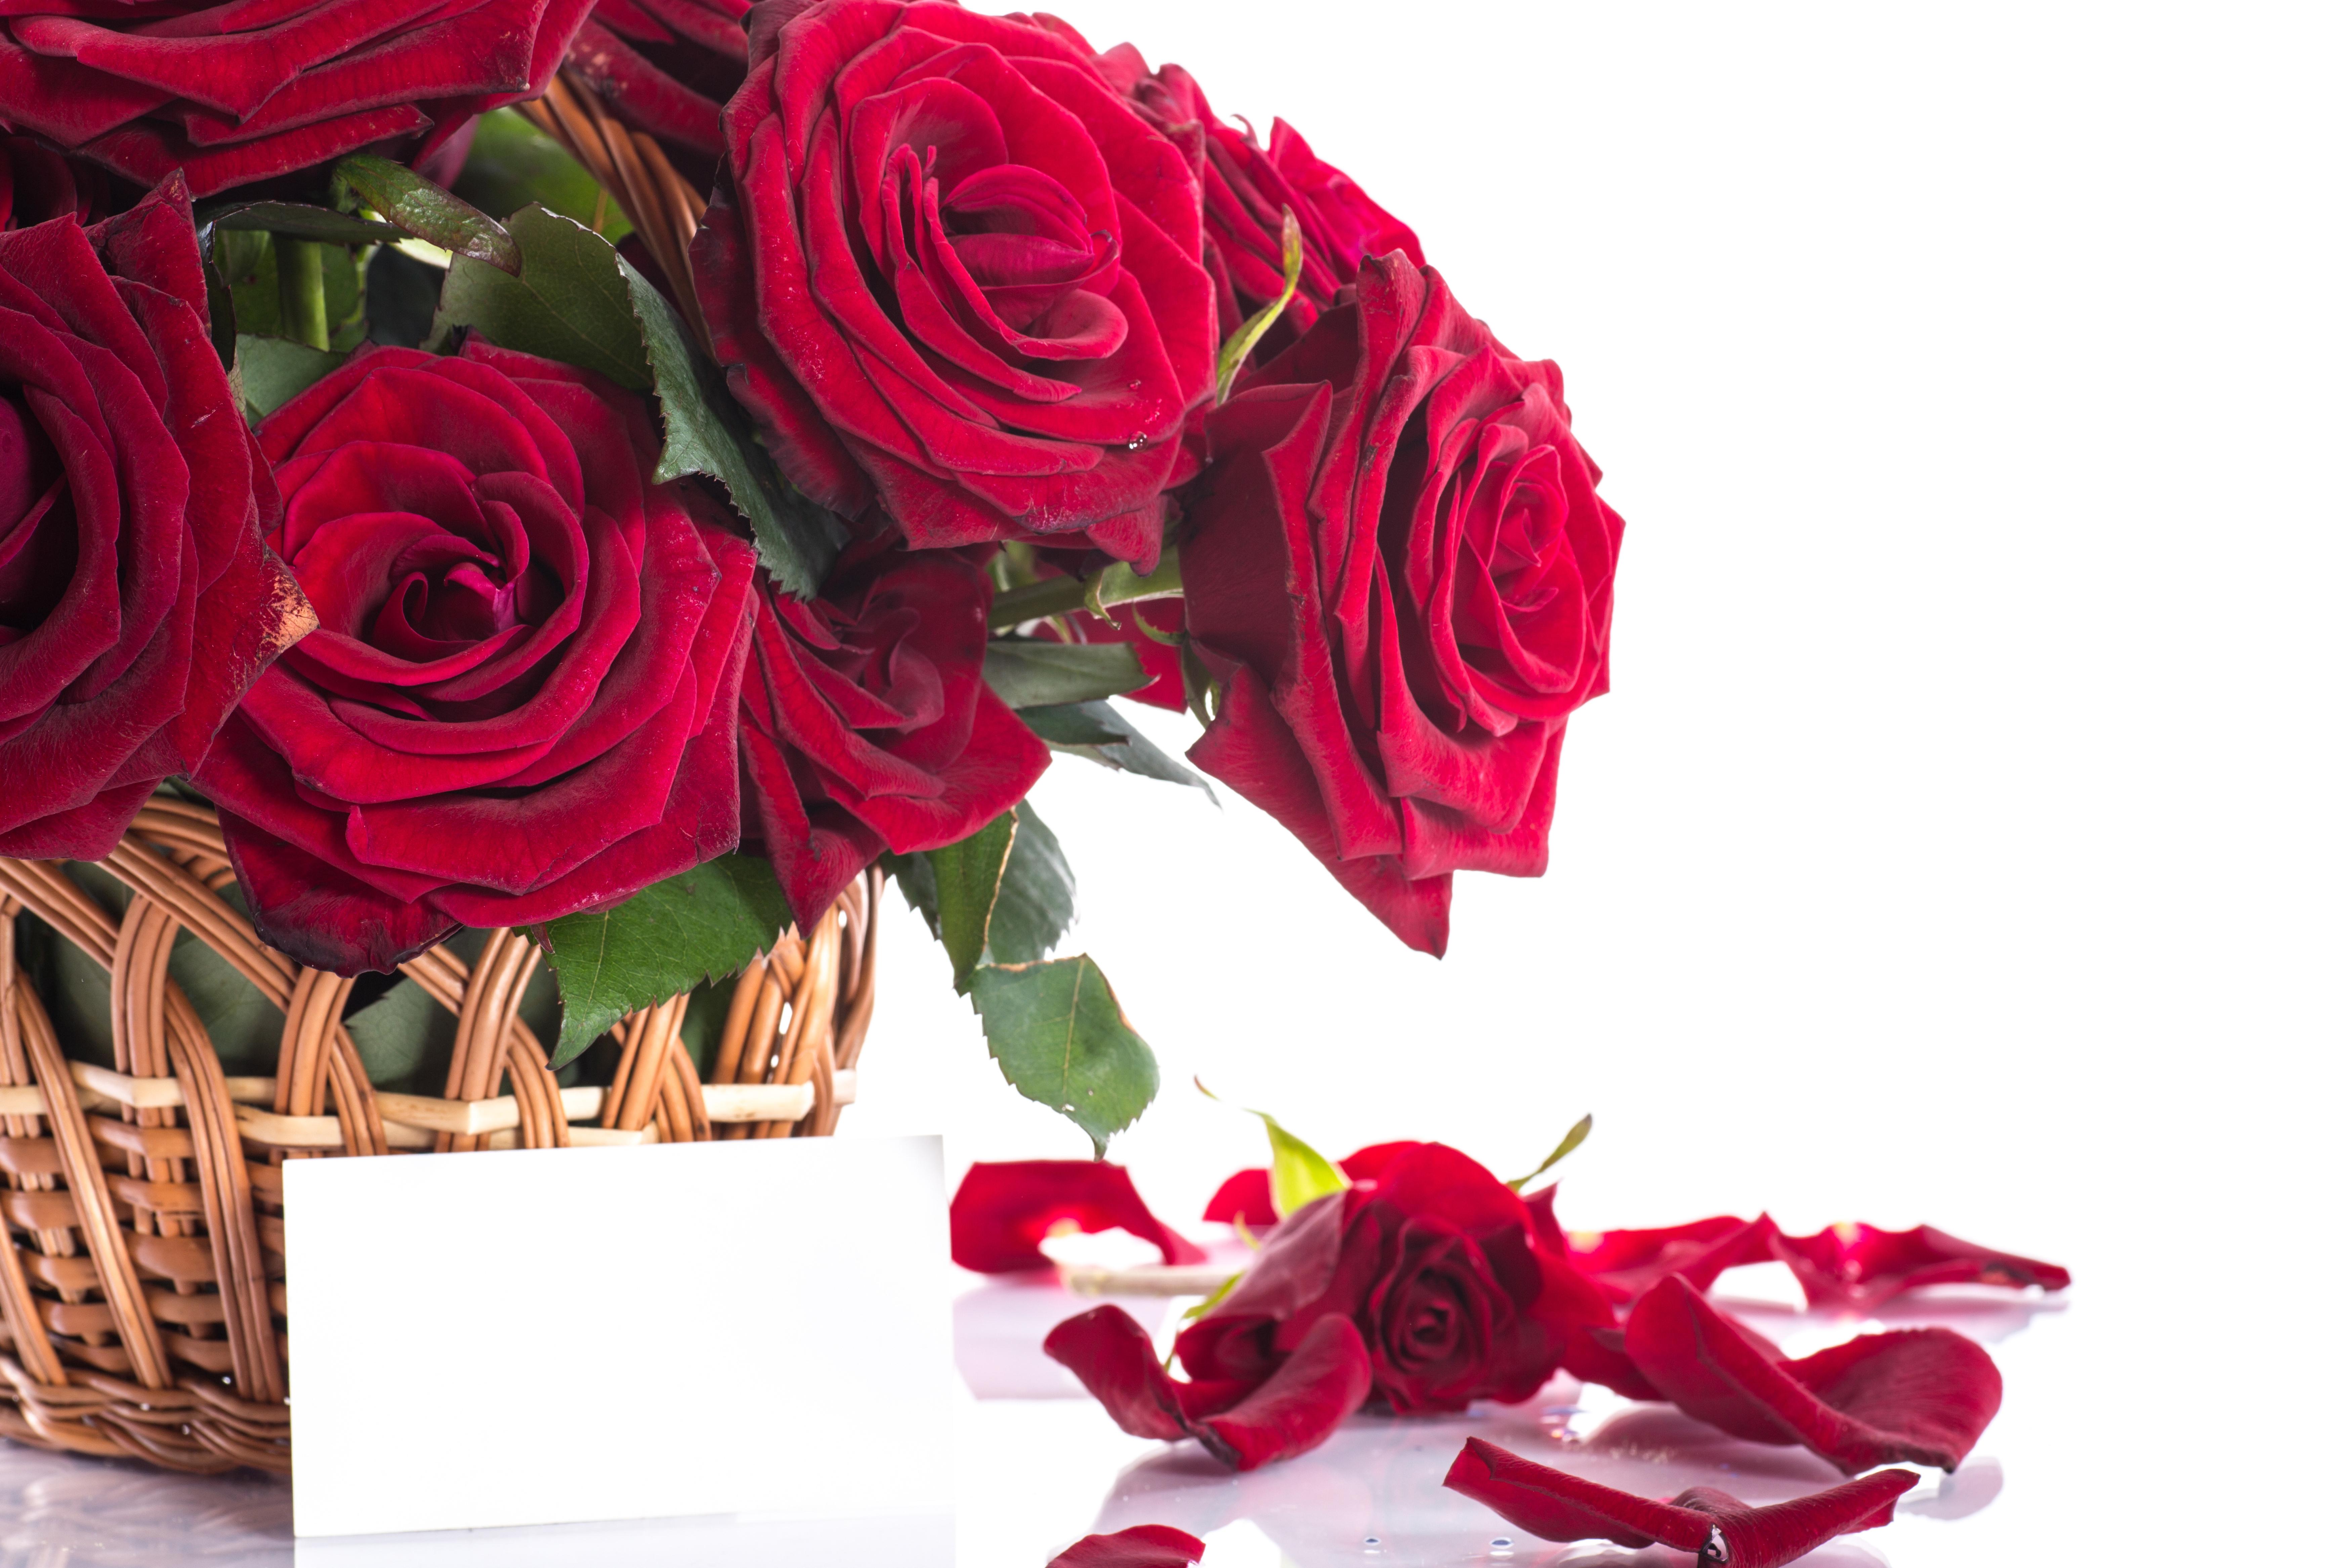 Розы красные открытки, картинки рождеством христовым